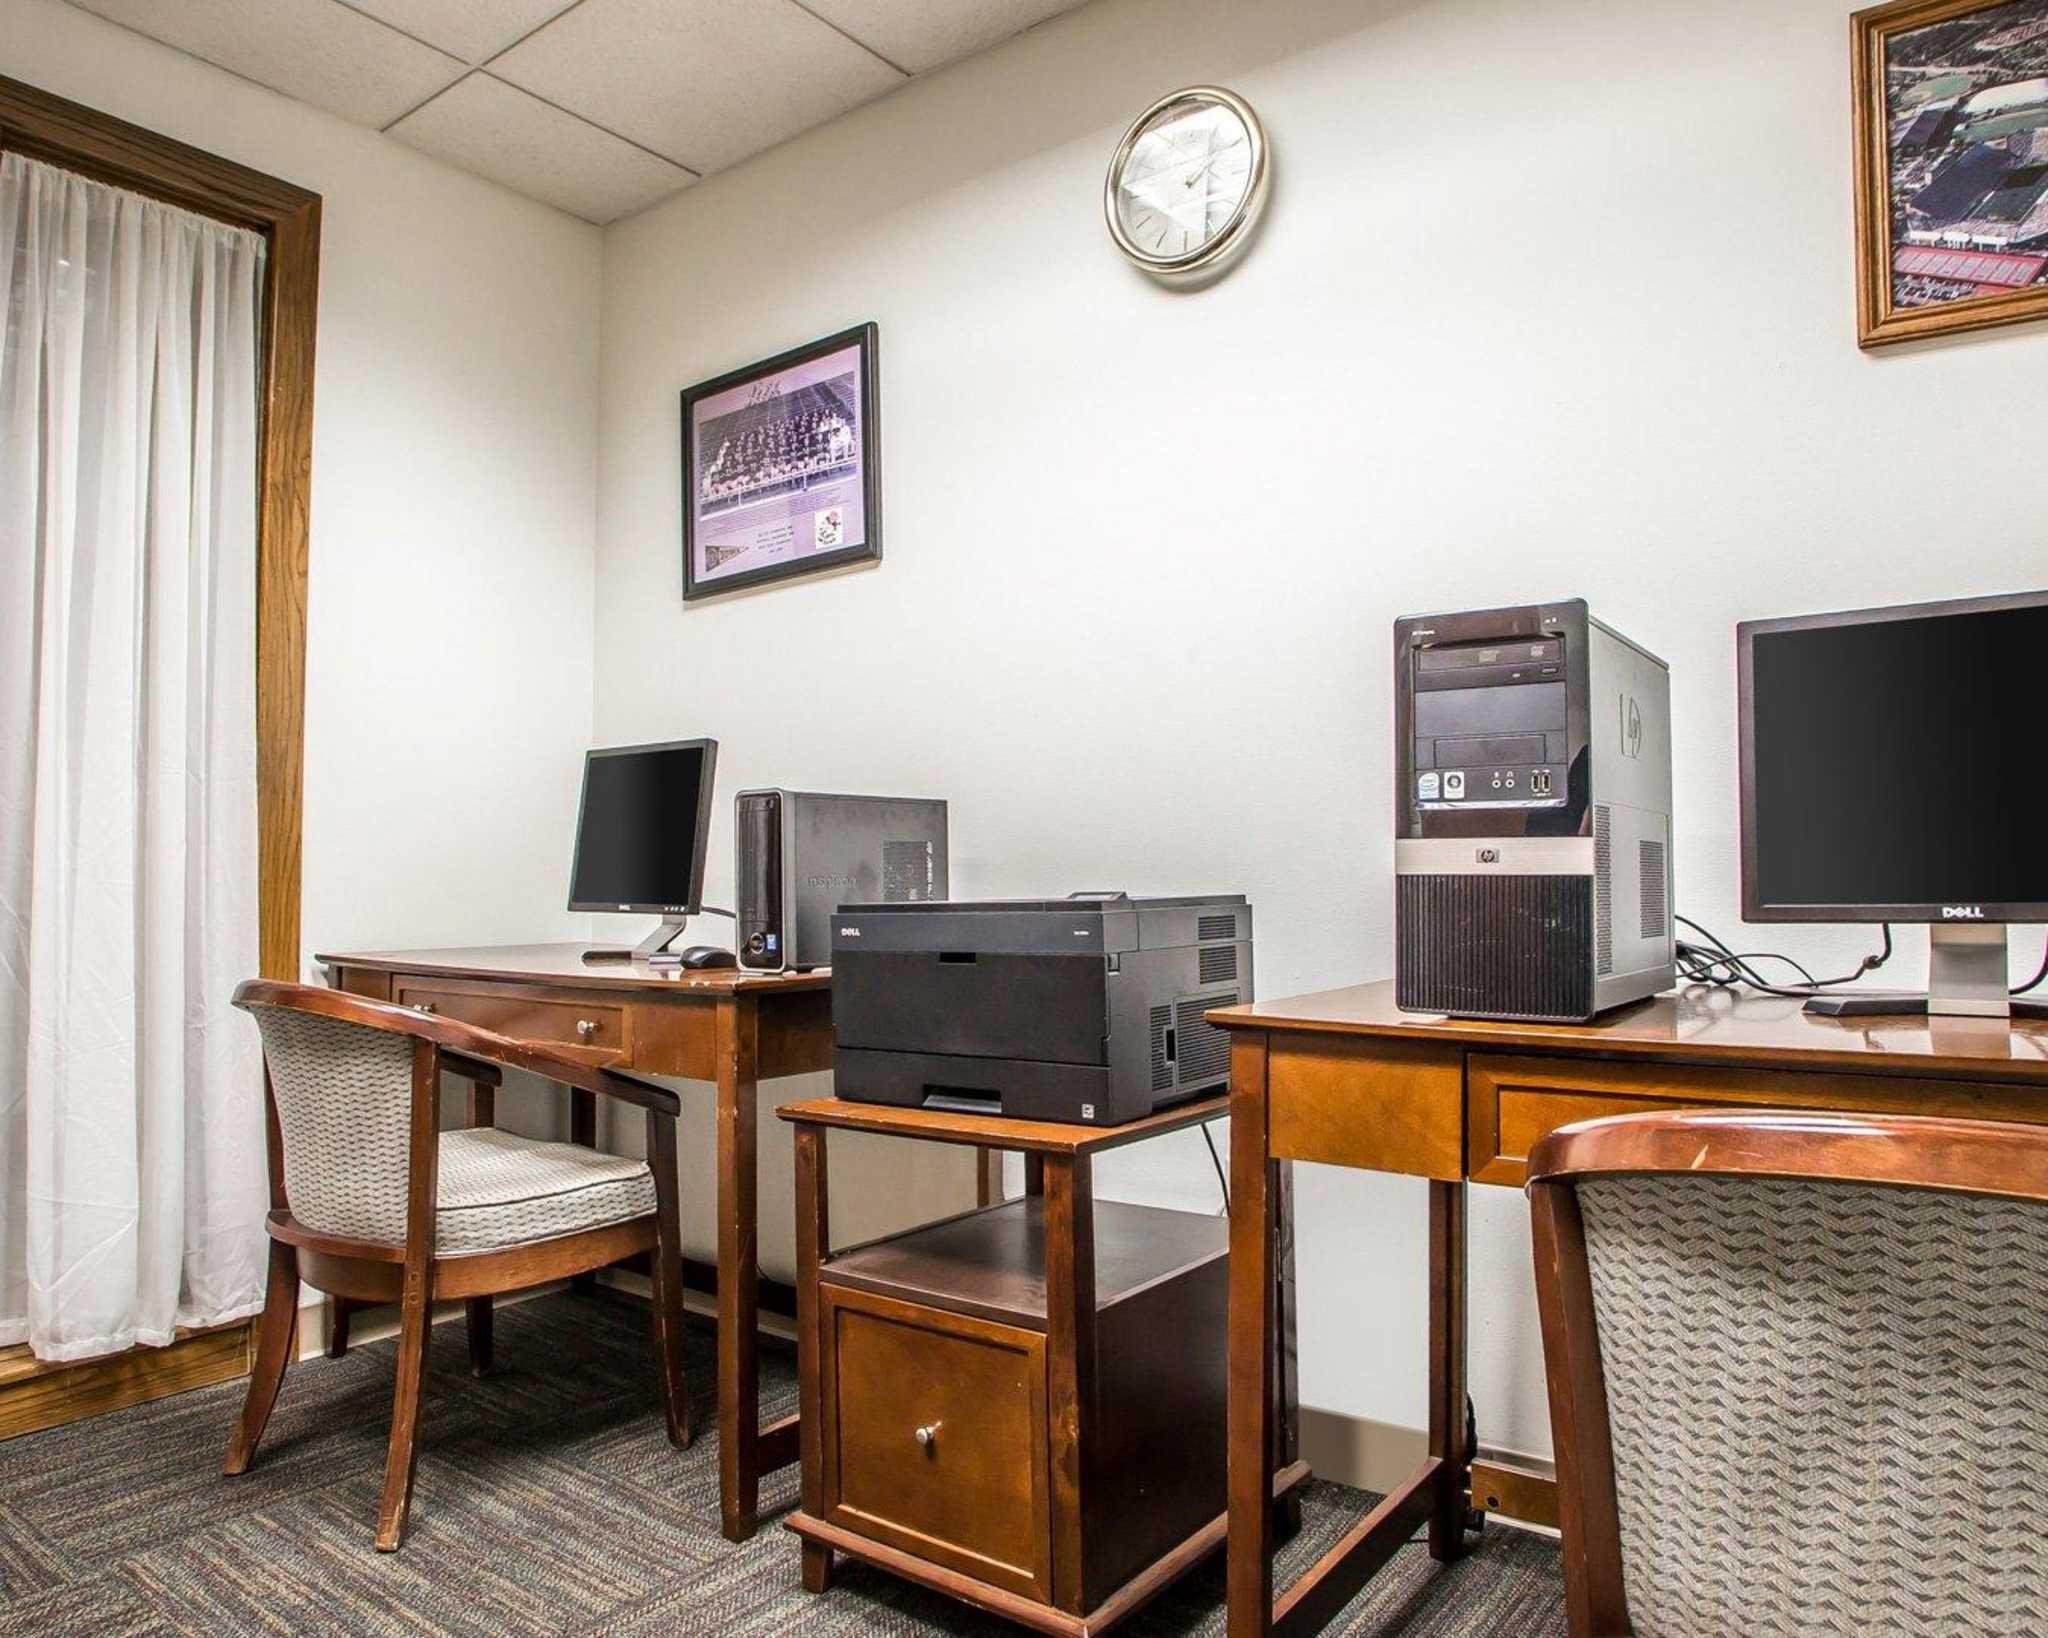 Clarion Hotel Highlander Conference Center image 34